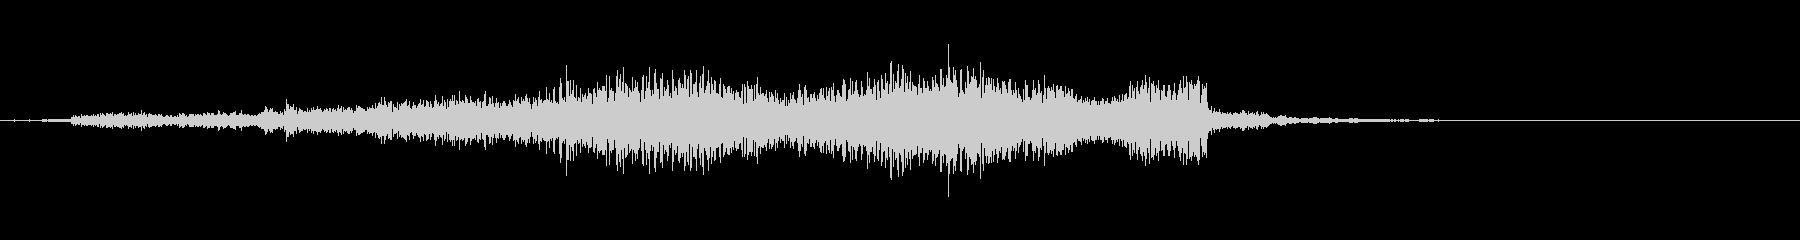 【ジングル】上昇するシンセサウンドの未再生の波形